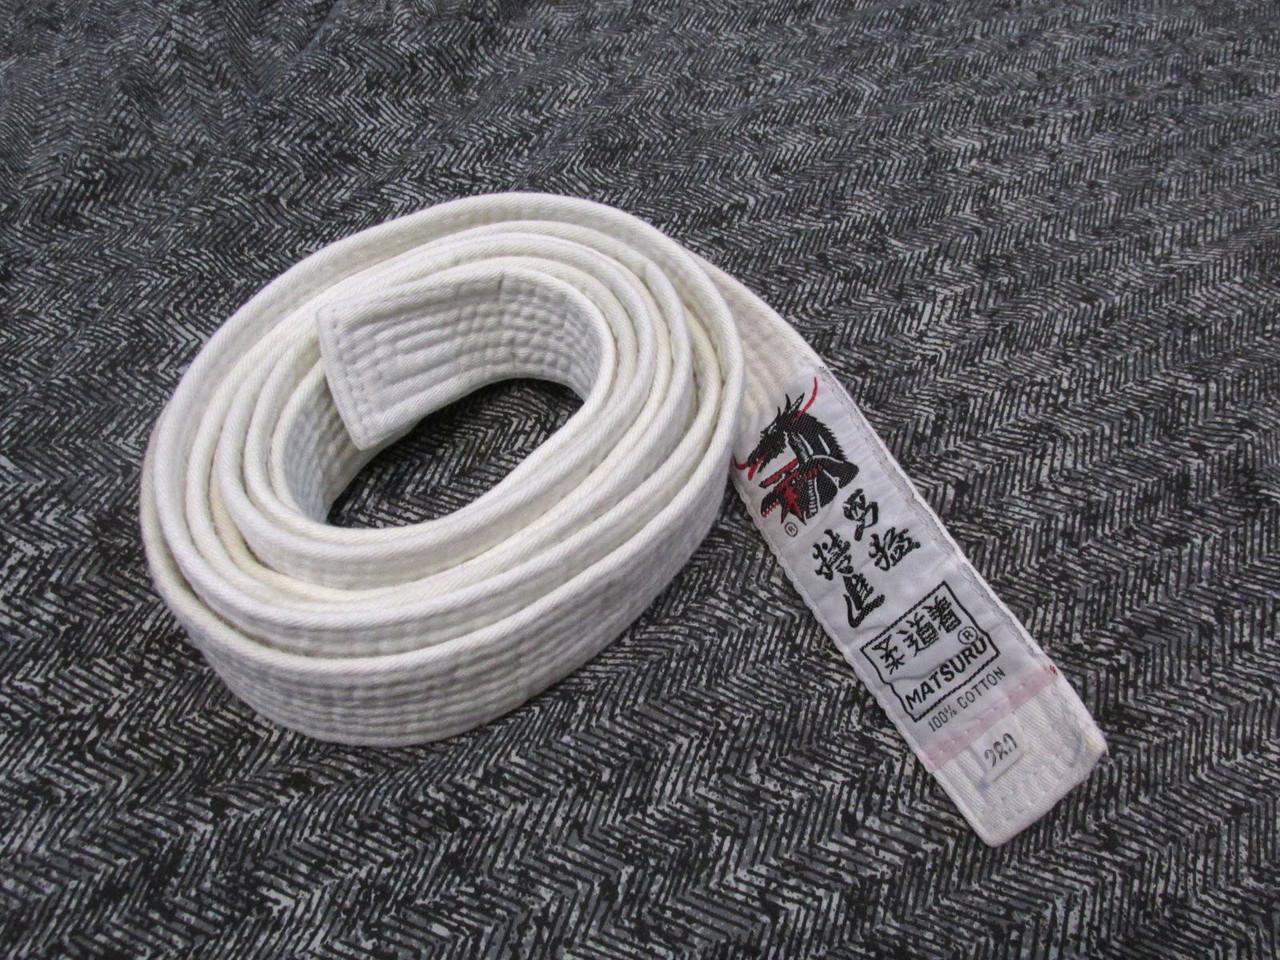 Пояс кимоно Matsuru, 280, cotton, Мин следы носки, Уценка!